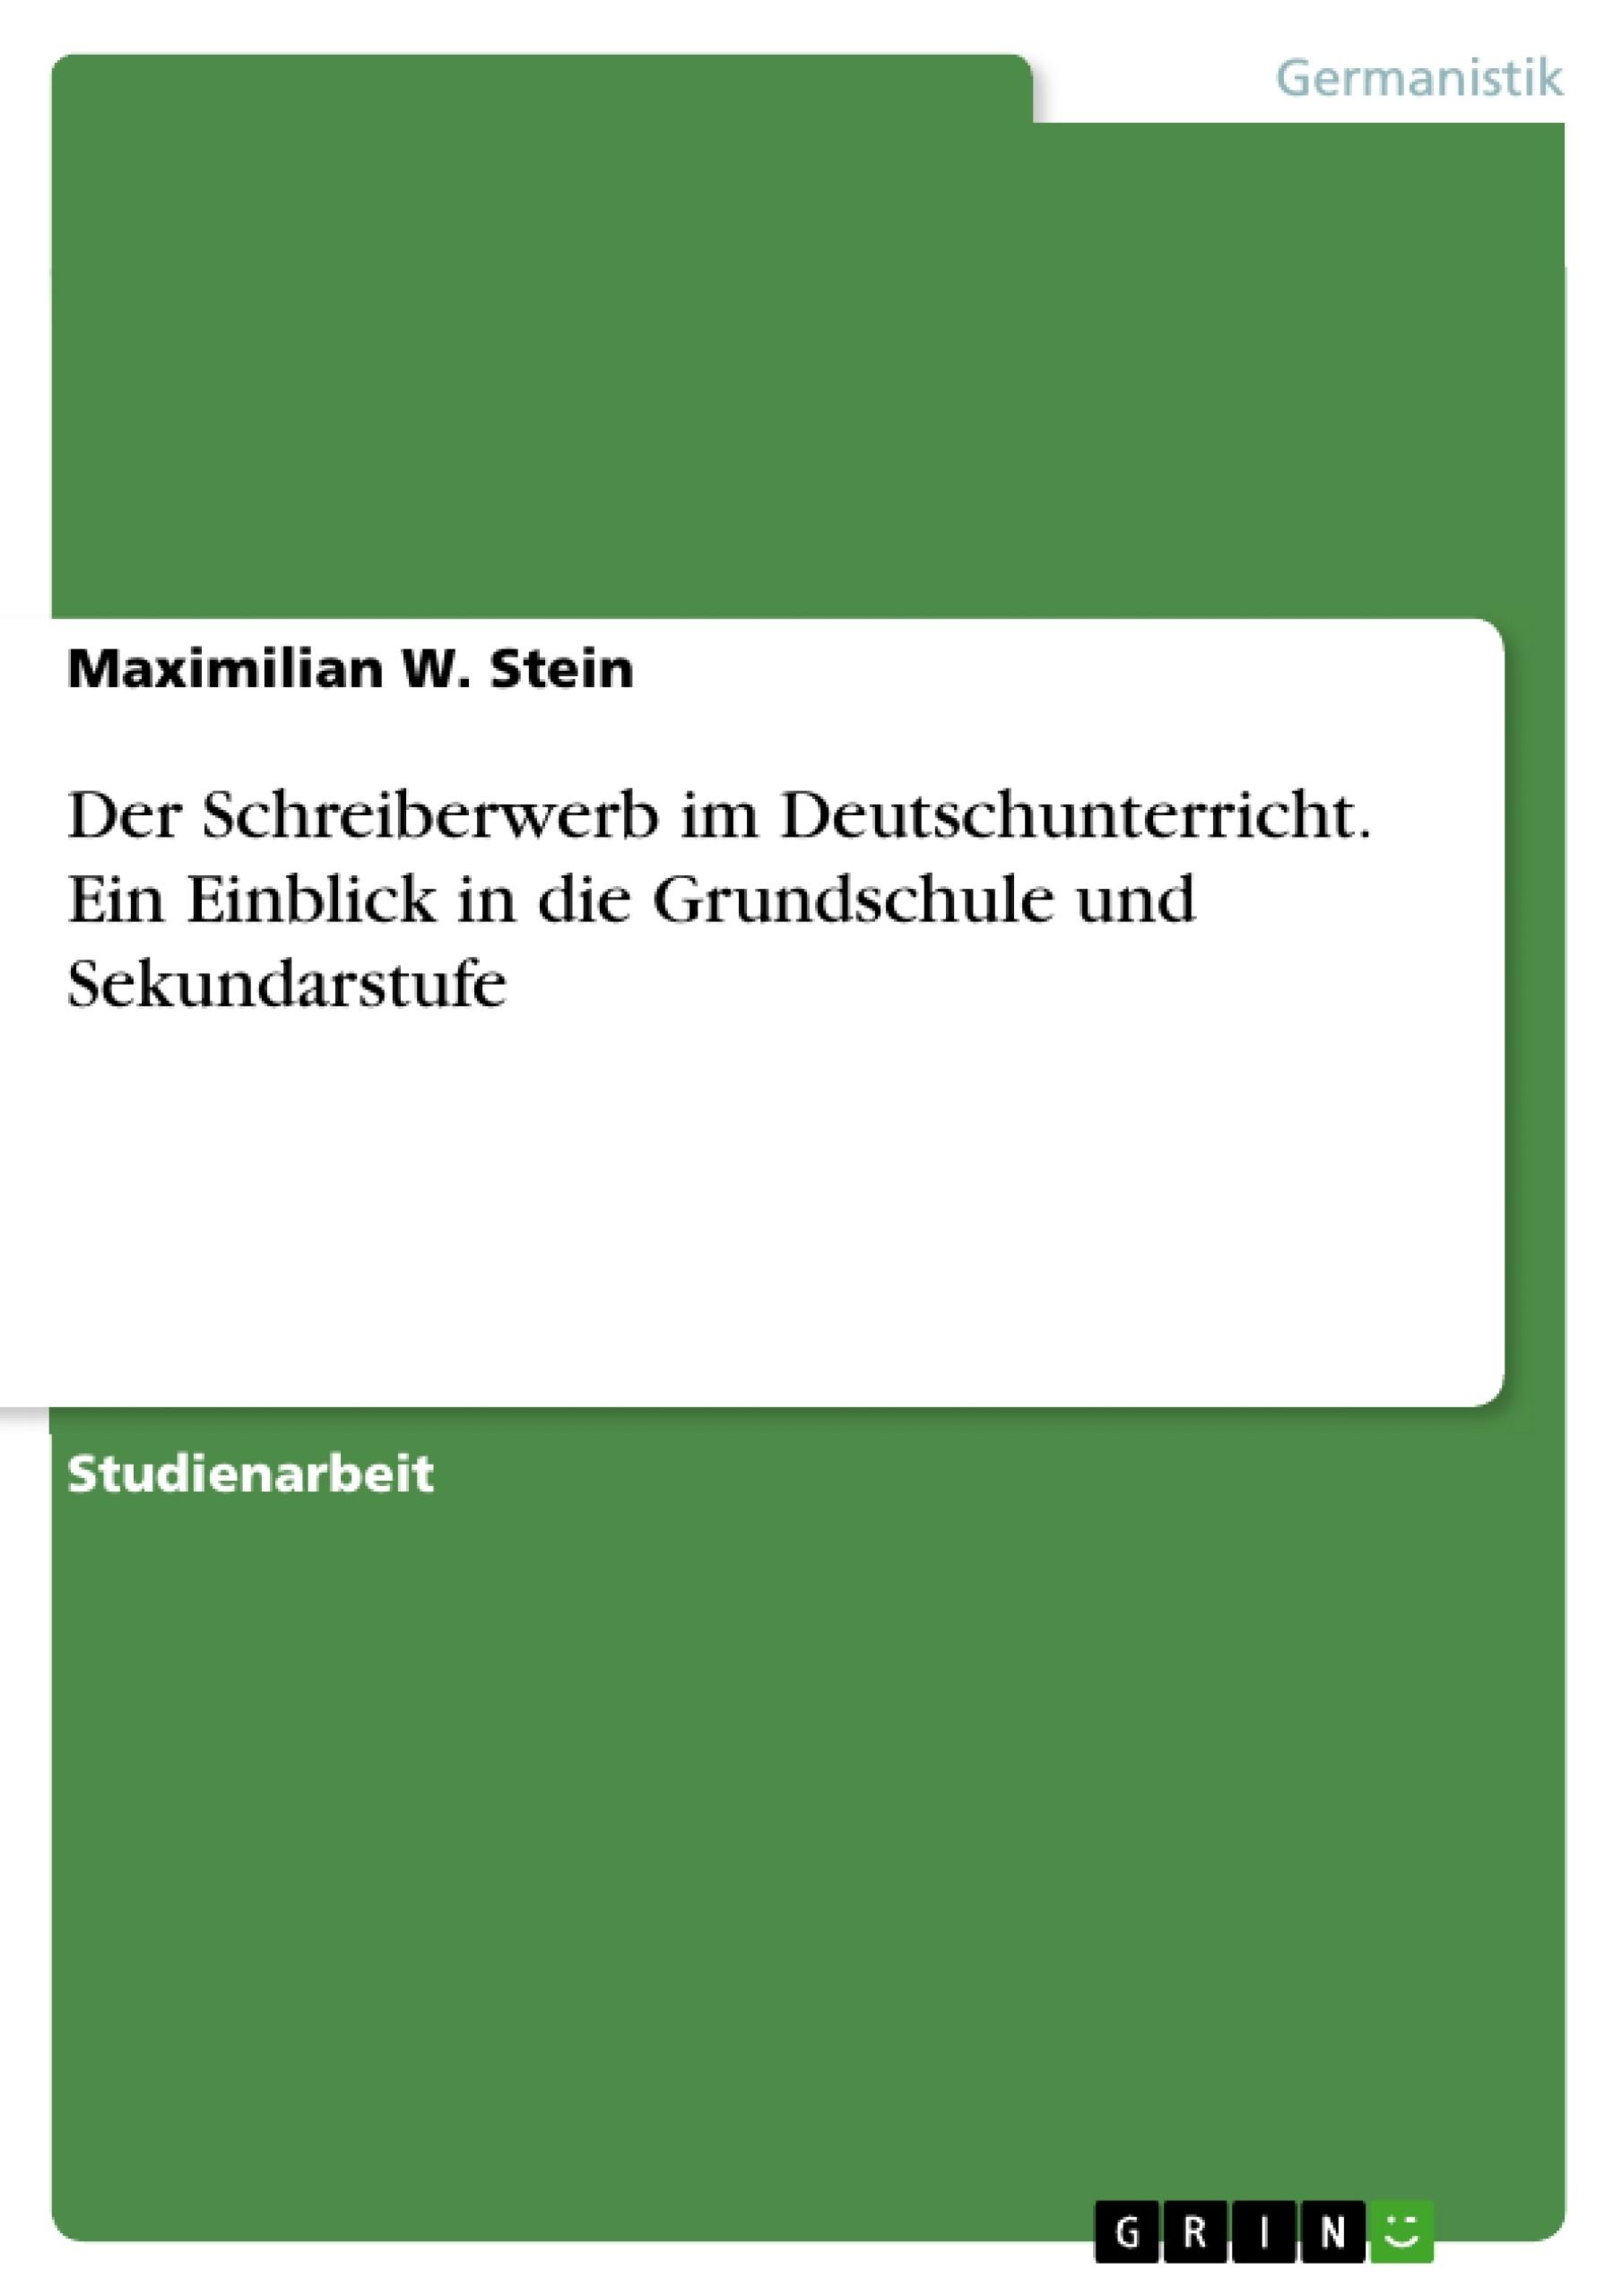 Titel: Der Schreiberwerb im Deutschunterricht. Ein Einblick in die Grundschule und Sekundarstufe